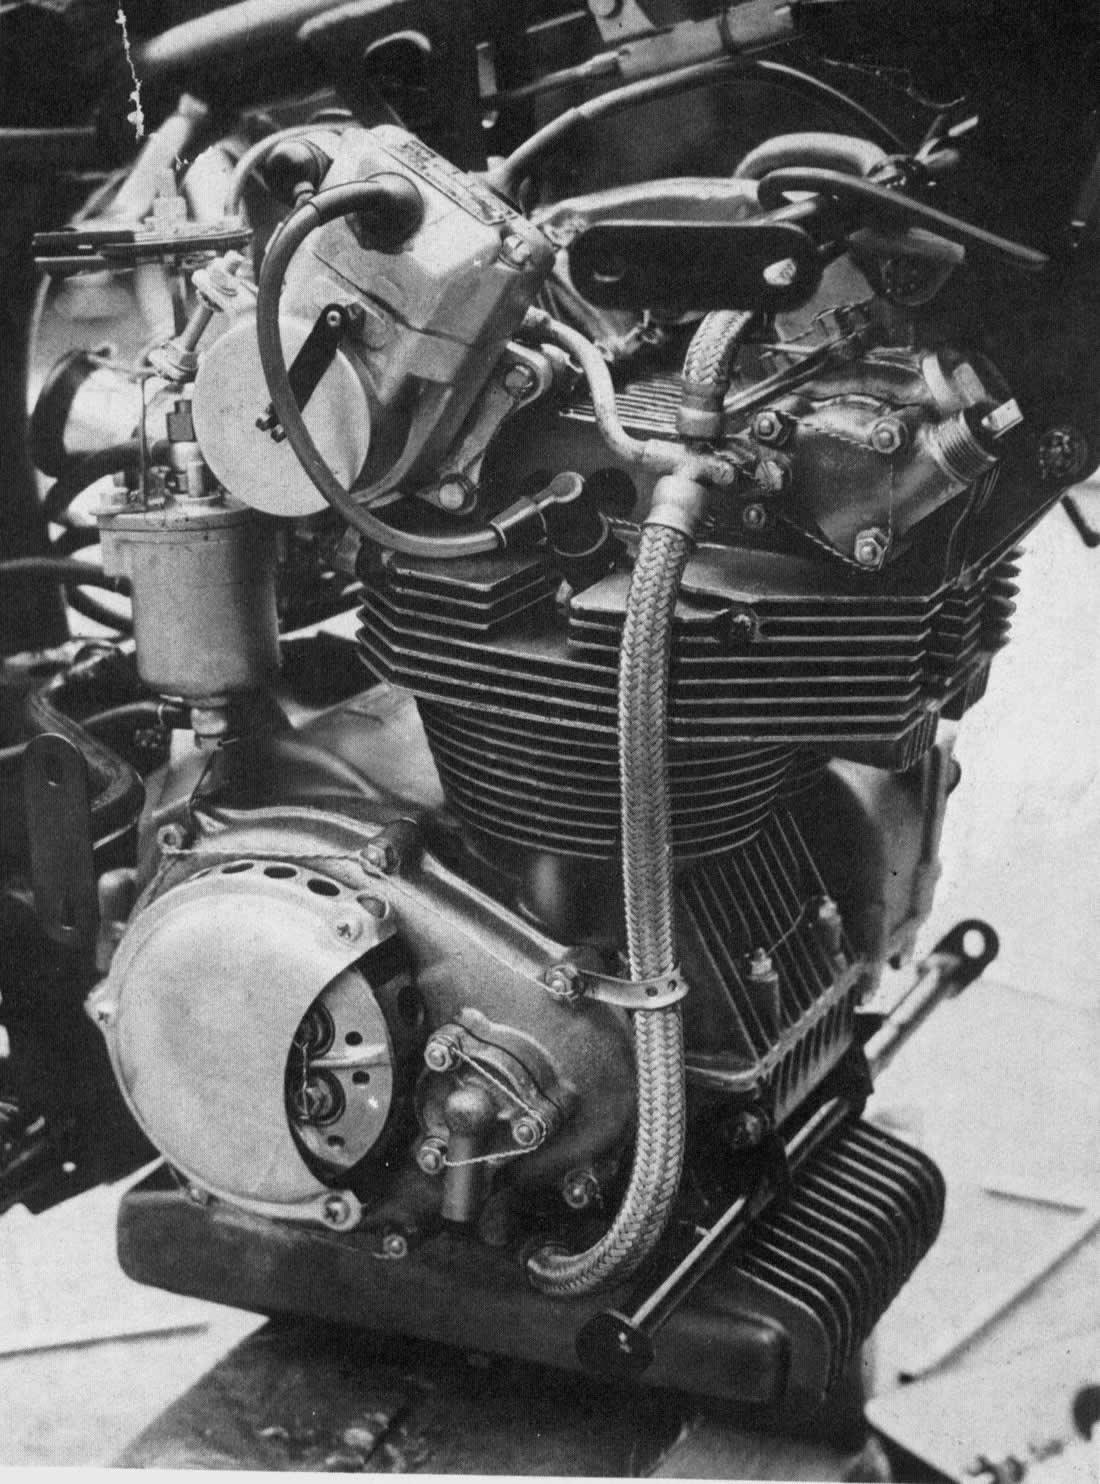 Honda RC 142 Rc142engine